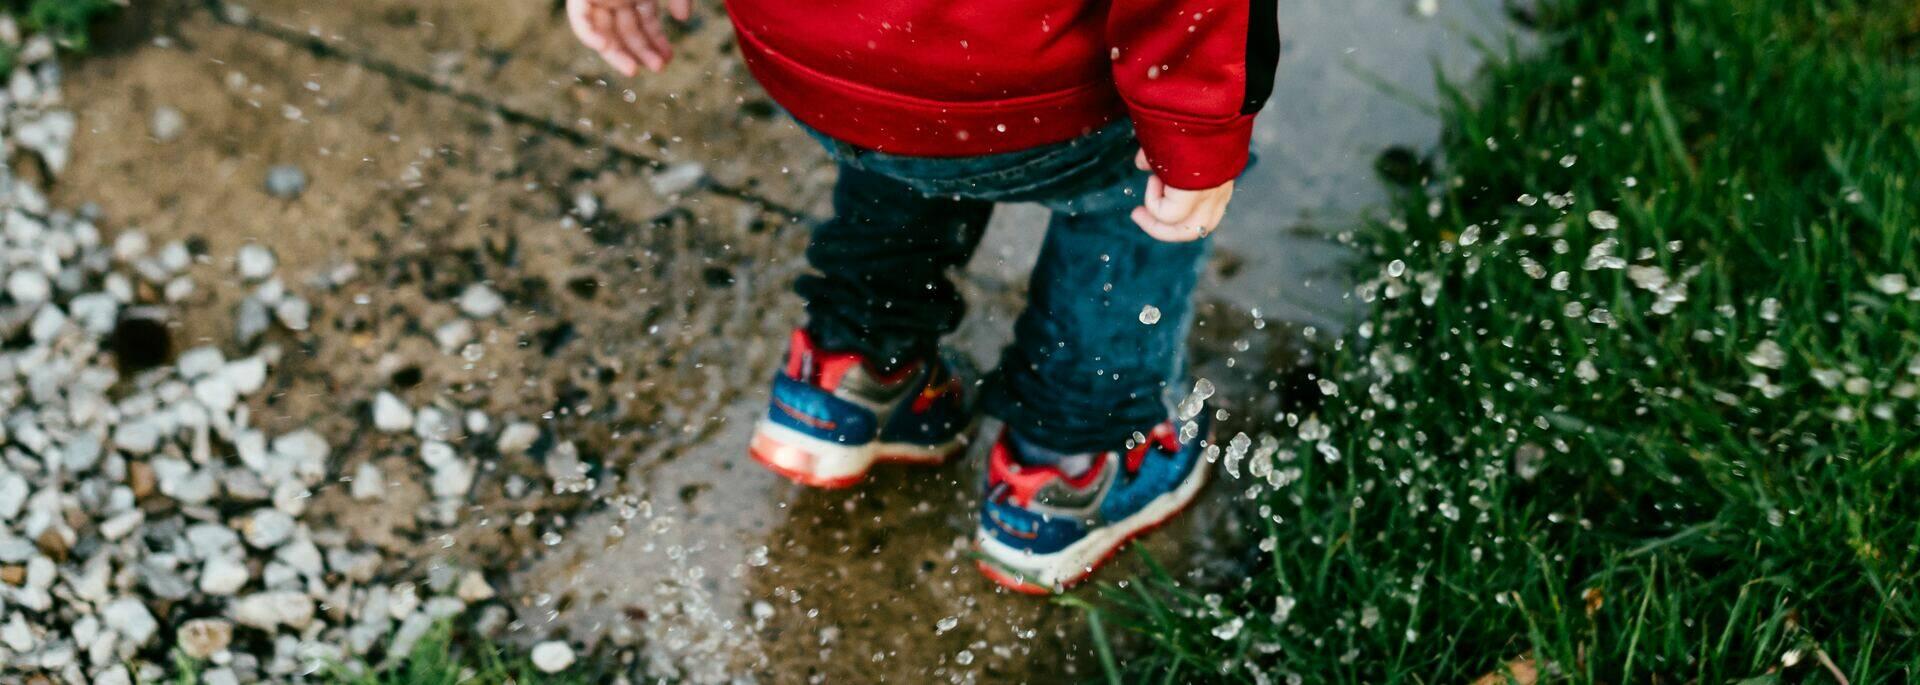 Enfant jouant sous la pluie